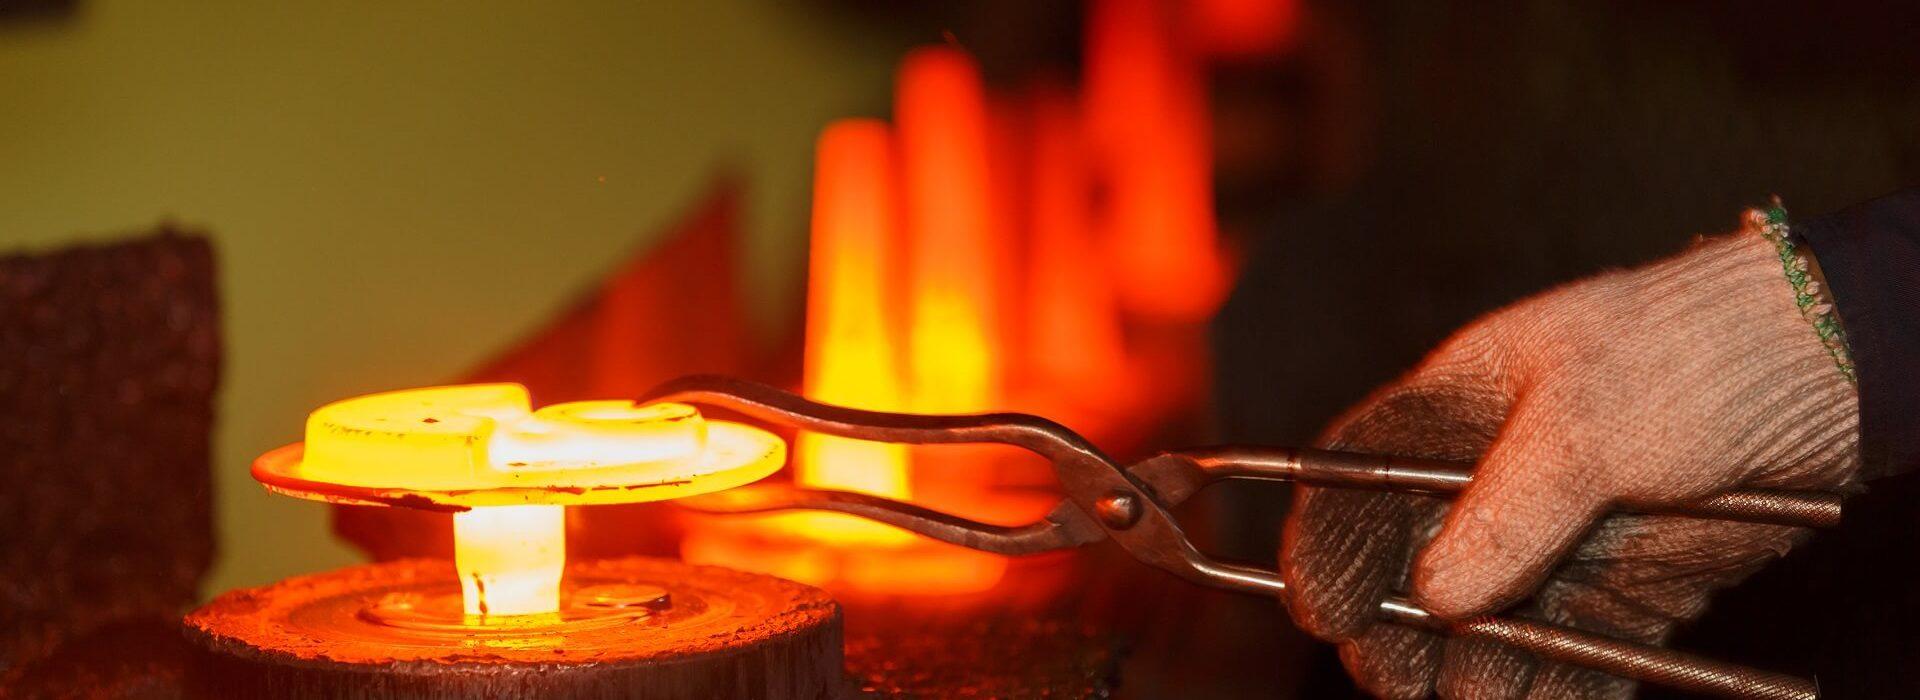 Forging part